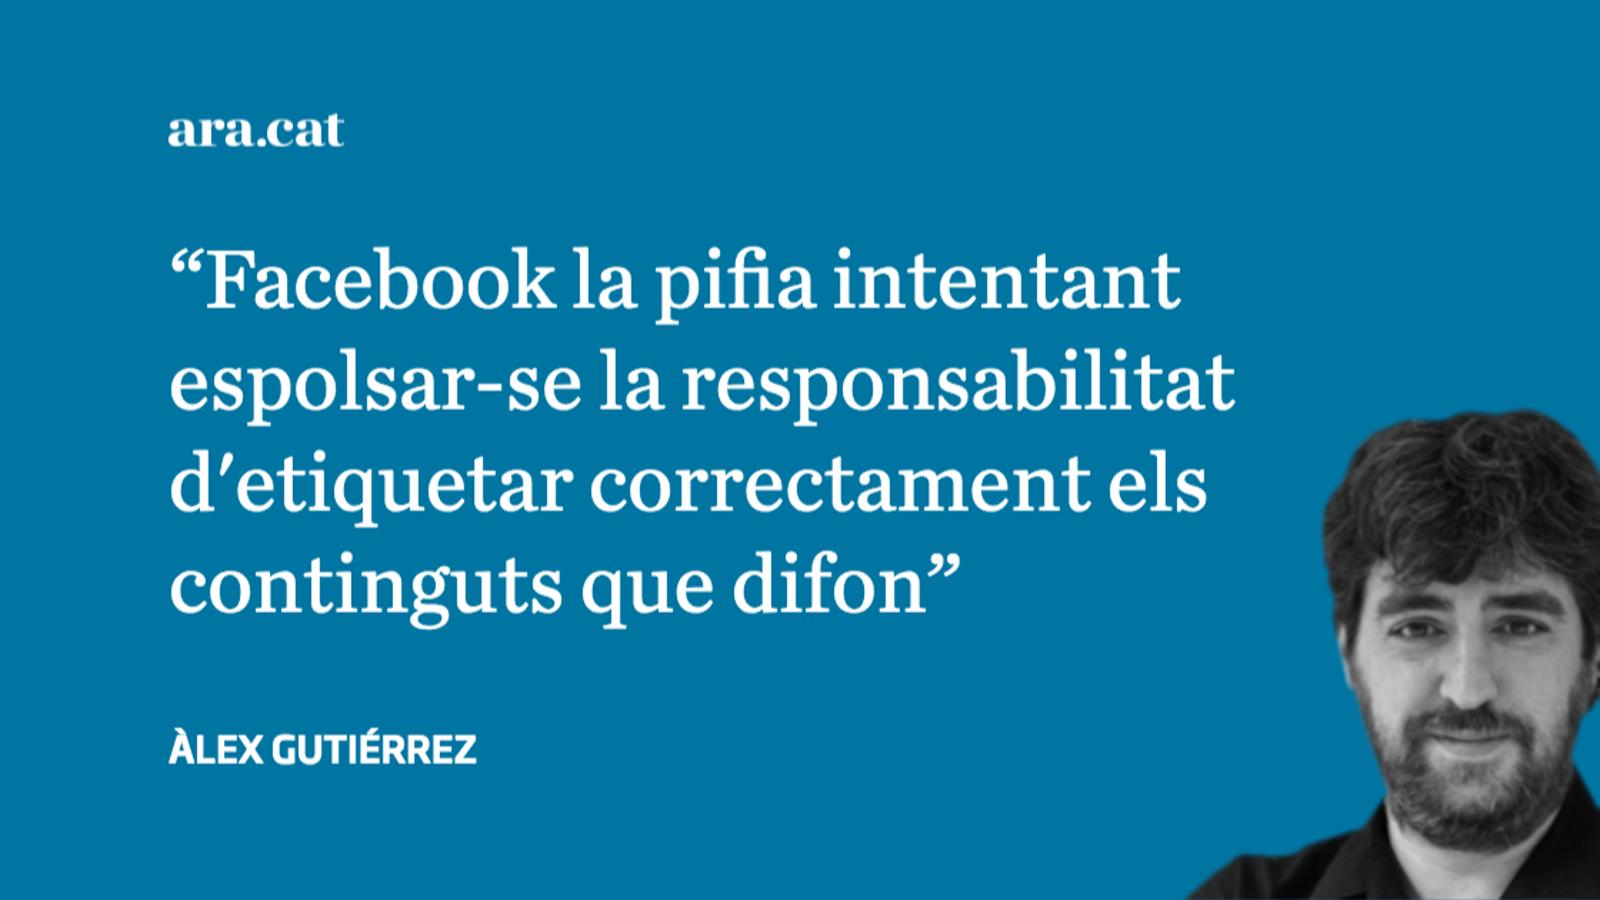 Els àrbitres de Facebook no són neutrals